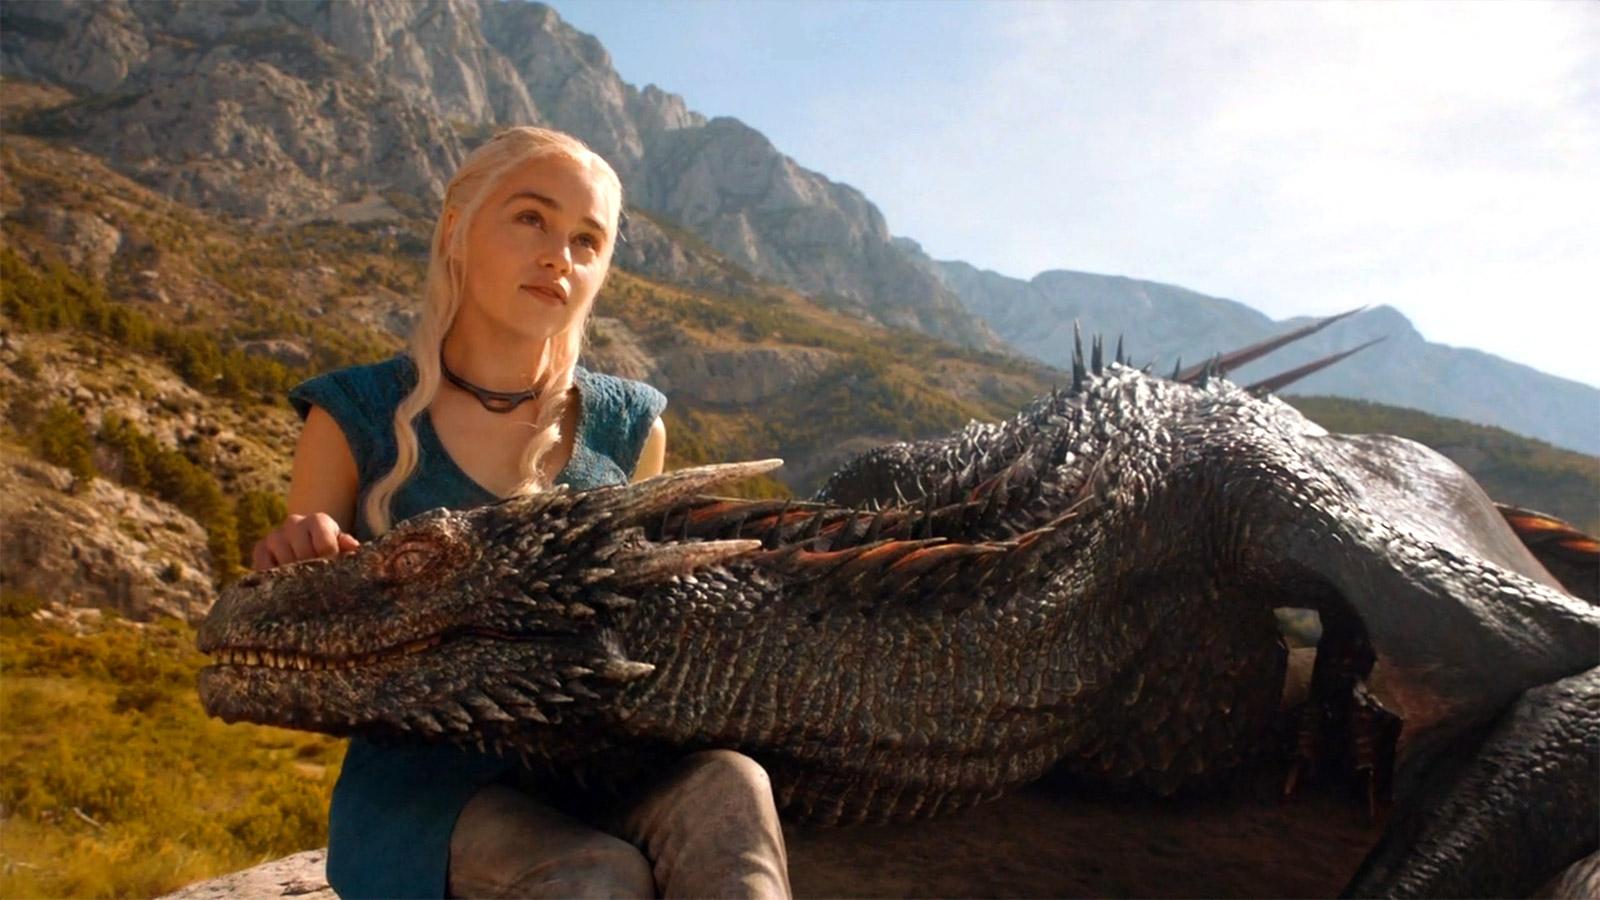 Daenerys targaryen and khal drogo wallpaper daenerys targaryen wedding - Daenerys Targaryen And Dragon